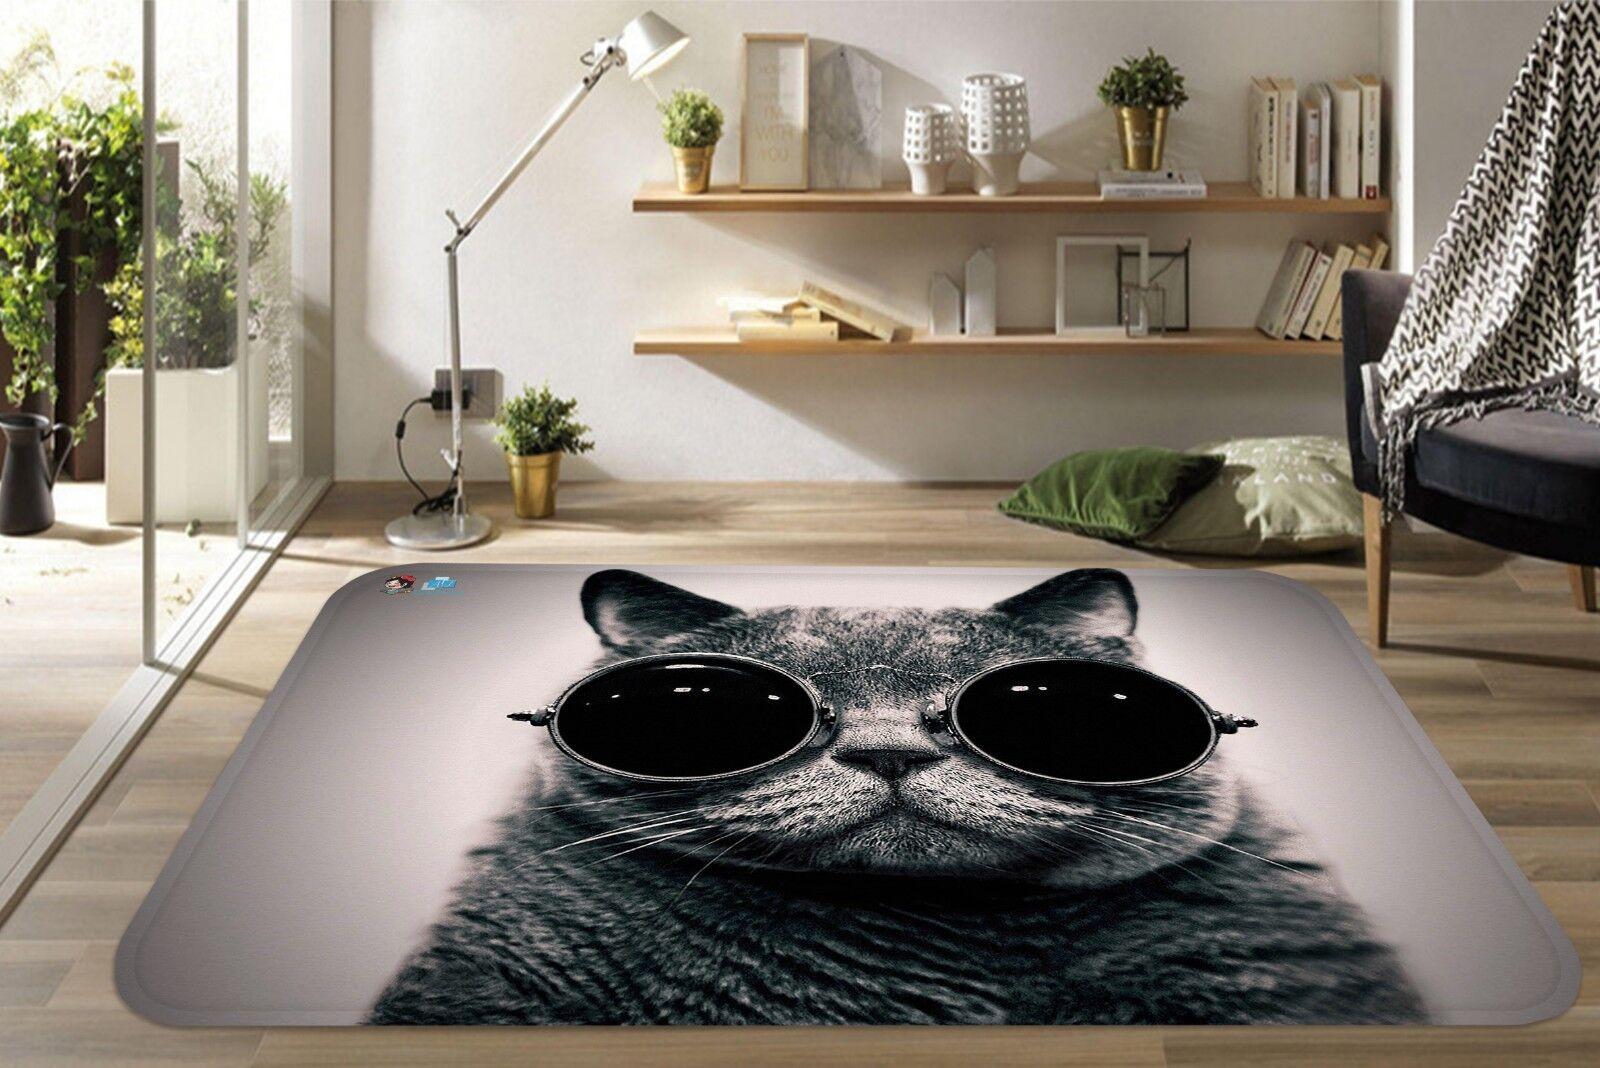 3D FIGLIO gatto Cool 688 tappetino antiscivolo tappeto camera Tappetino Qualità Elegante foto Tappeto UK